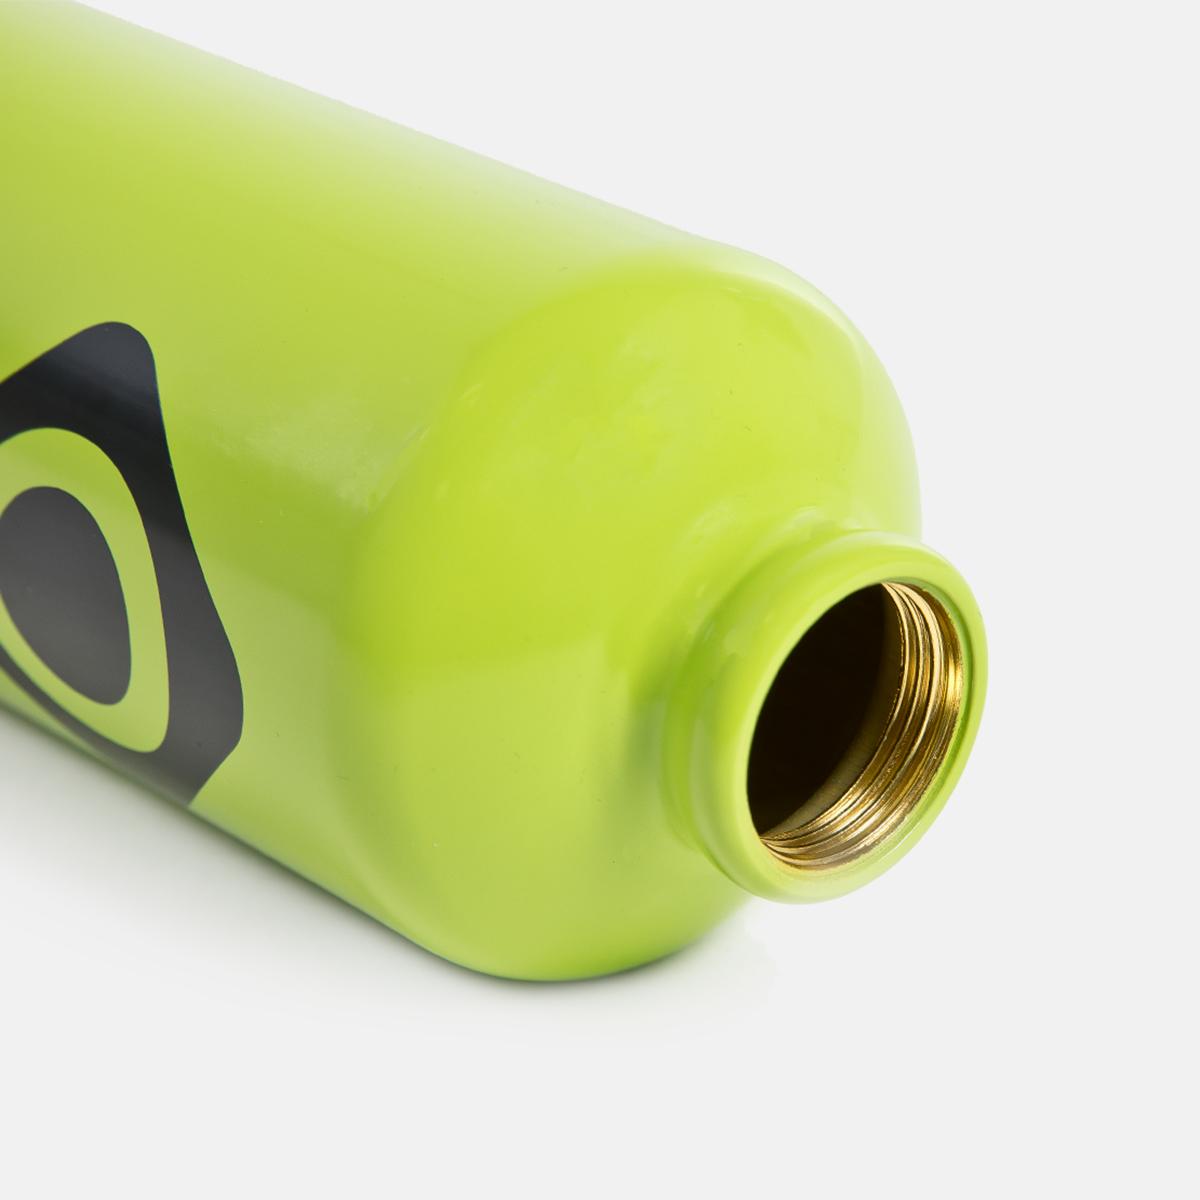 GREEN ALUMINIUM BOTTLE WHITBY 0.75L